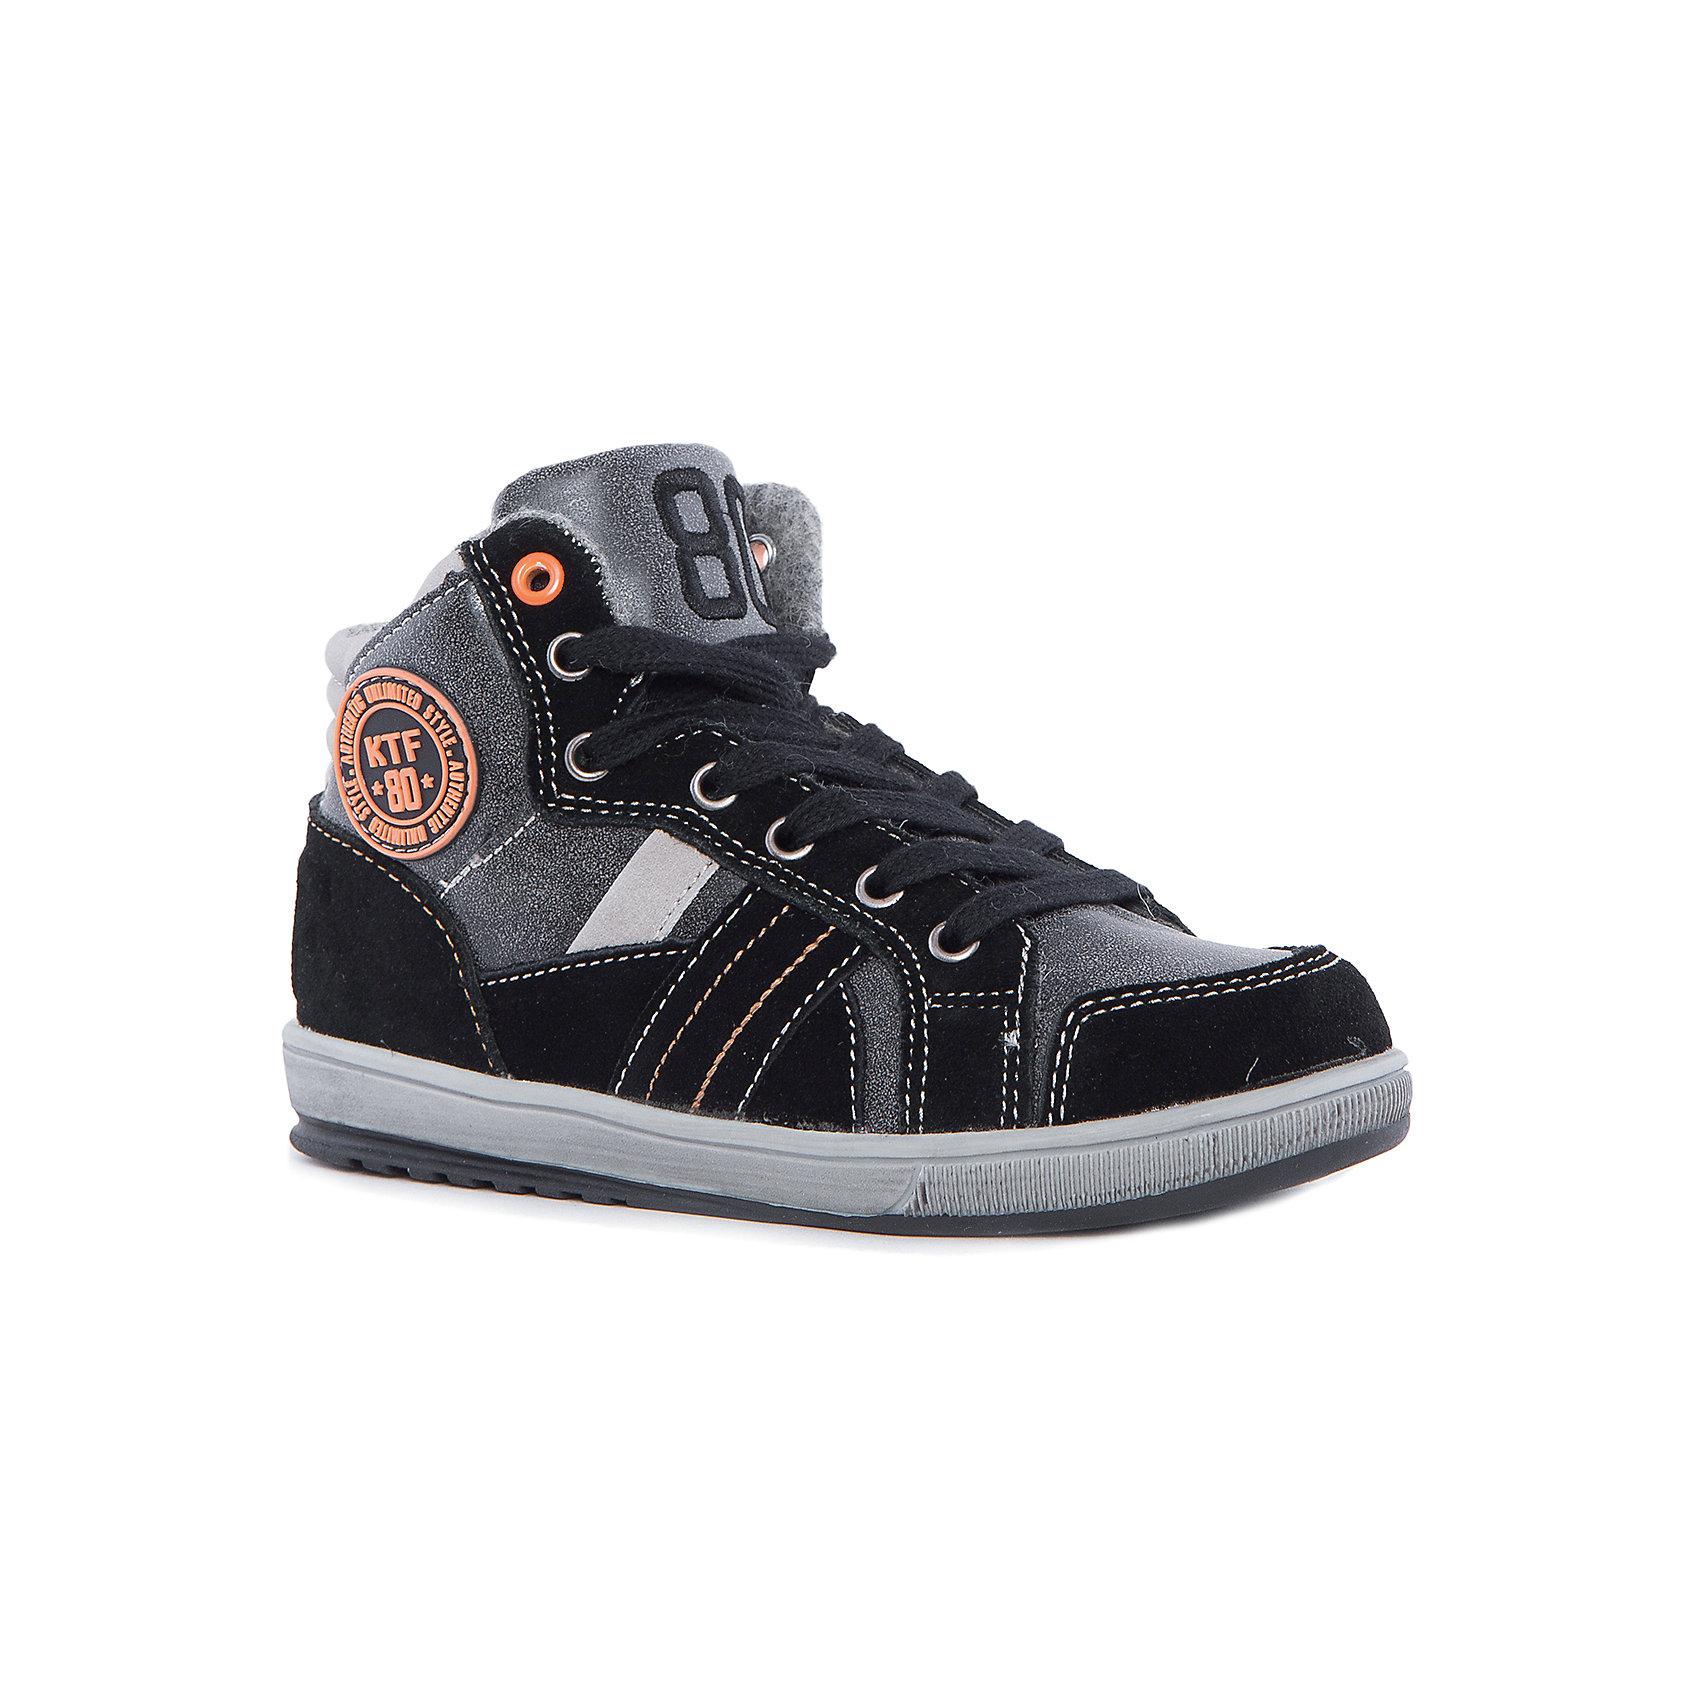 Ботинки для мальчика КотофейБотинки<br>Котофей – качественная и стильная детская обувь по доступным ценам. С каждым днем популярность бренда растет.  Модные зимние ботинки для мальчика – мастхэв приближающихся холодов. Стильный дизайн позволит создать множество образов, а материалы ботинок защитят ножки малыша от непогоды. Особенностью модели является одновременное наличие и шнуровки и молнии. <br><br>Дополнительная информация:<br><br>цвет: черно-оранжевый;<br>вид крепления: на клею;<br>застежка: шнуровка, молния;<br>температурный режим: от -10 °С до +10° С.<br><br>Состав:<br>материал верха – комбинированный;<br>материал подклада – байка;<br>подошва – ТЭП.<br><br>Зимние ботиночки для мальчика дошкольного возраста из искусственной кожи от фирмы Котофей можно приобрести в нашем магазине.<br><br>Ширина мм: 262<br>Глубина мм: 176<br>Высота мм: 97<br>Вес г: 427<br>Цвет: оранжевый/черный<br>Возраст от месяцев: 84<br>Возраст до месяцев: 96<br>Пол: Мужской<br>Возраст: Детский<br>Размер: 35,34,33,30,32,31<br>SKU: 4982085